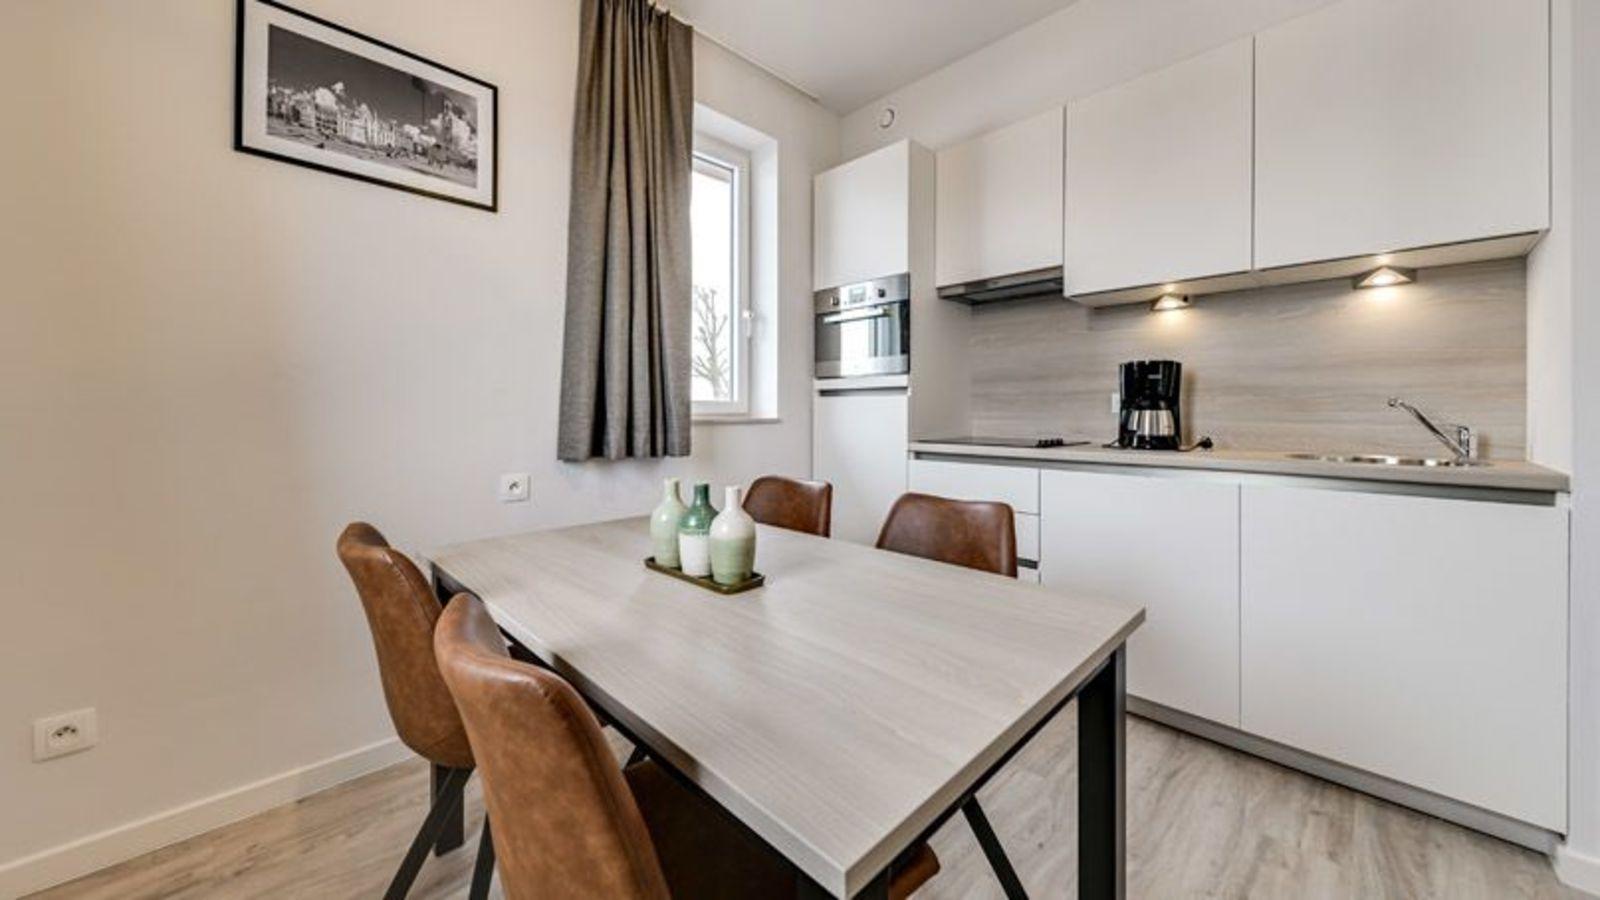 Nouveau logement de vacances pour 4 personnes avec canapé-lit et lit double